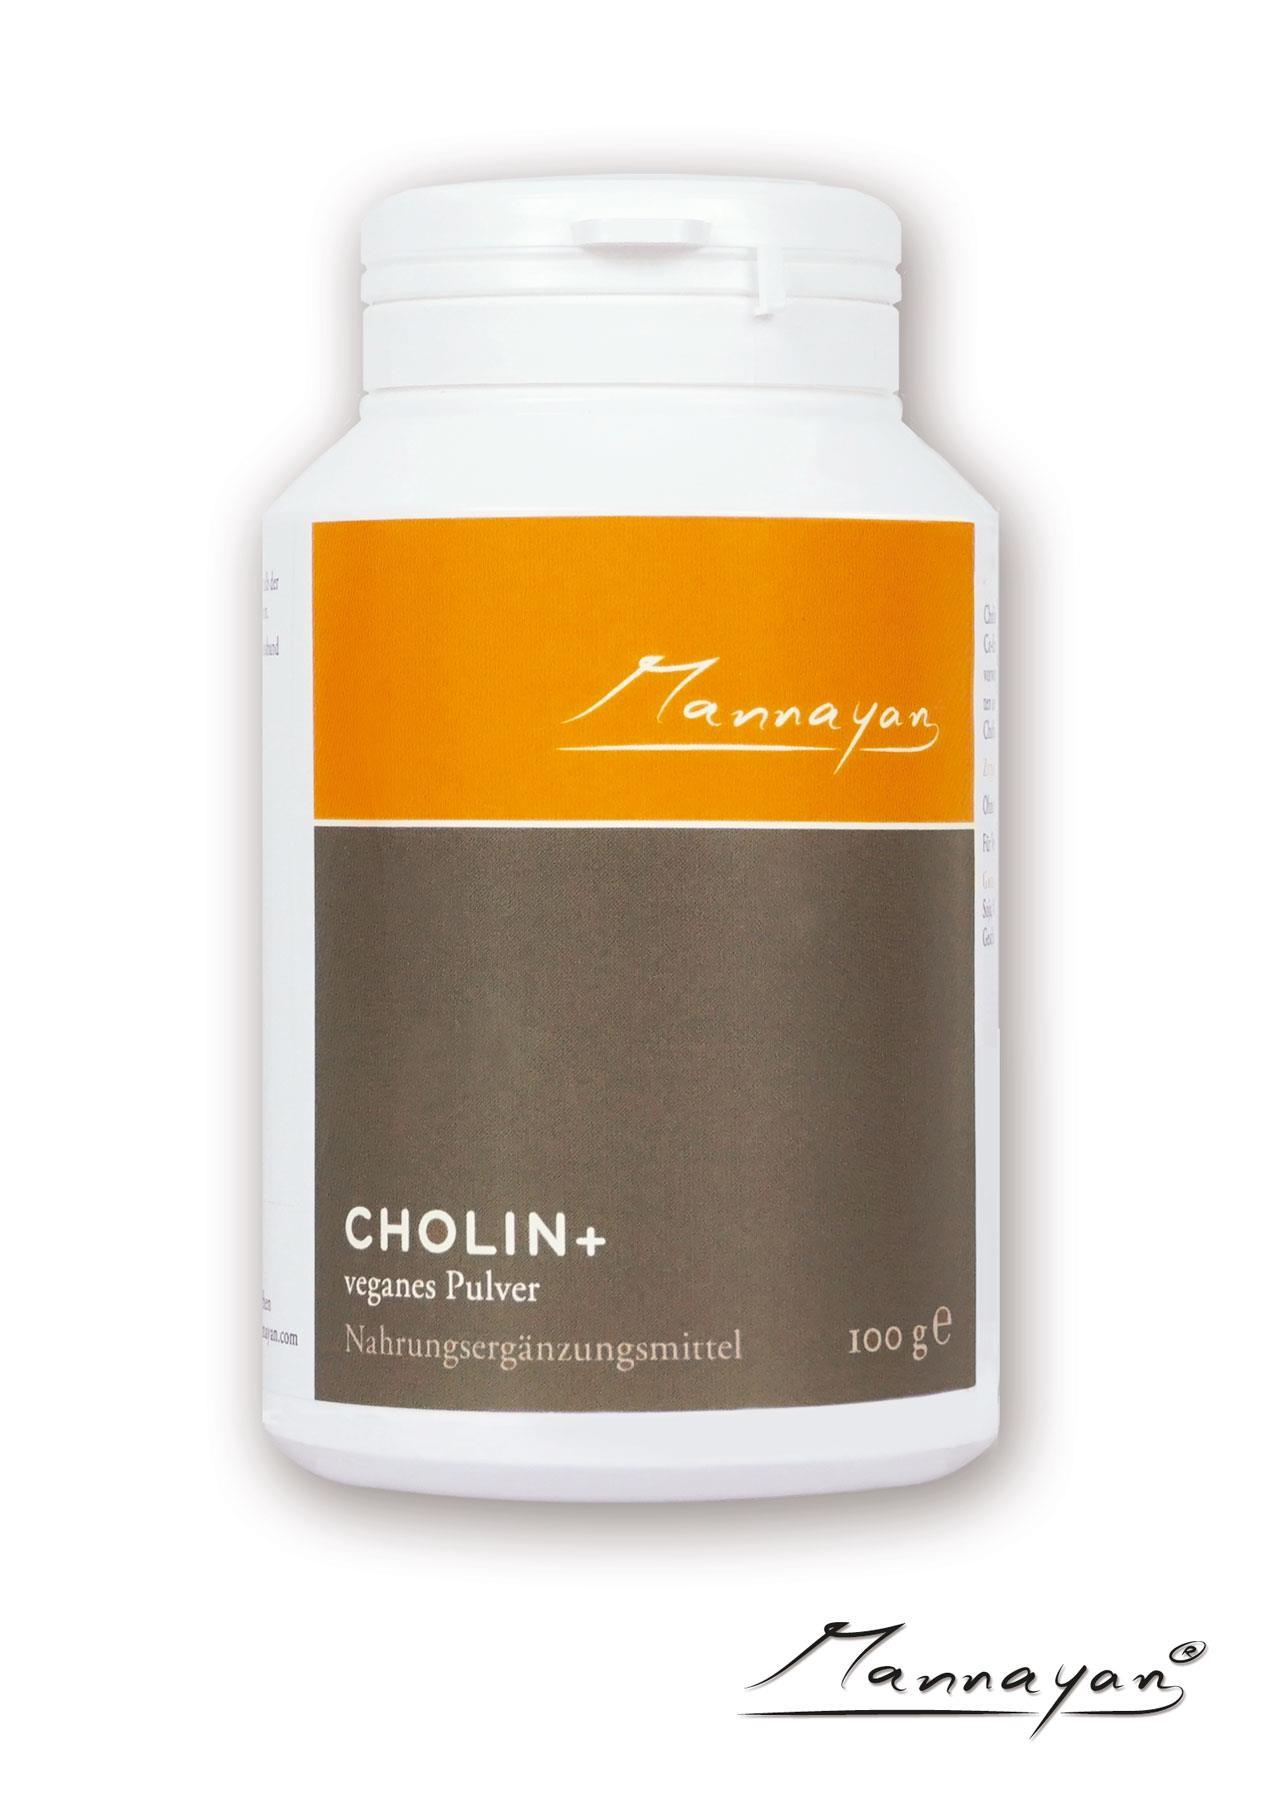 Cholin+ von Mannayan